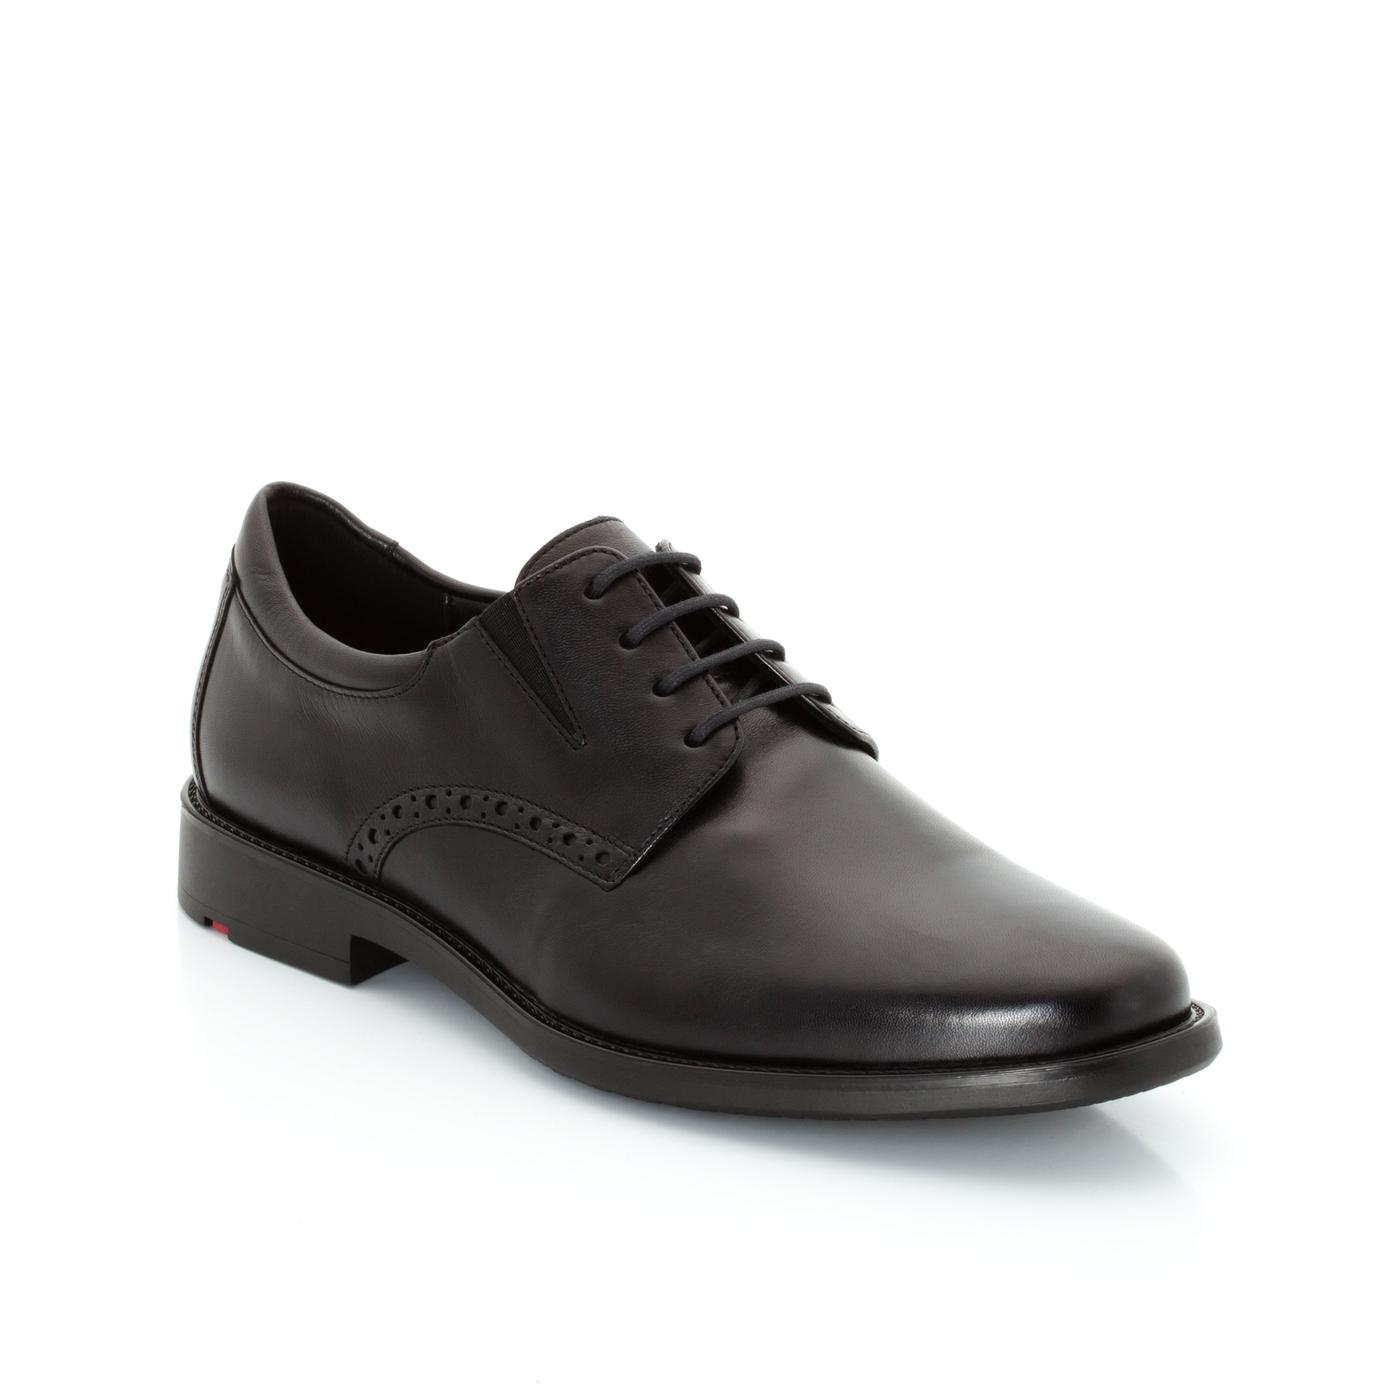 Breiter Business Schuh